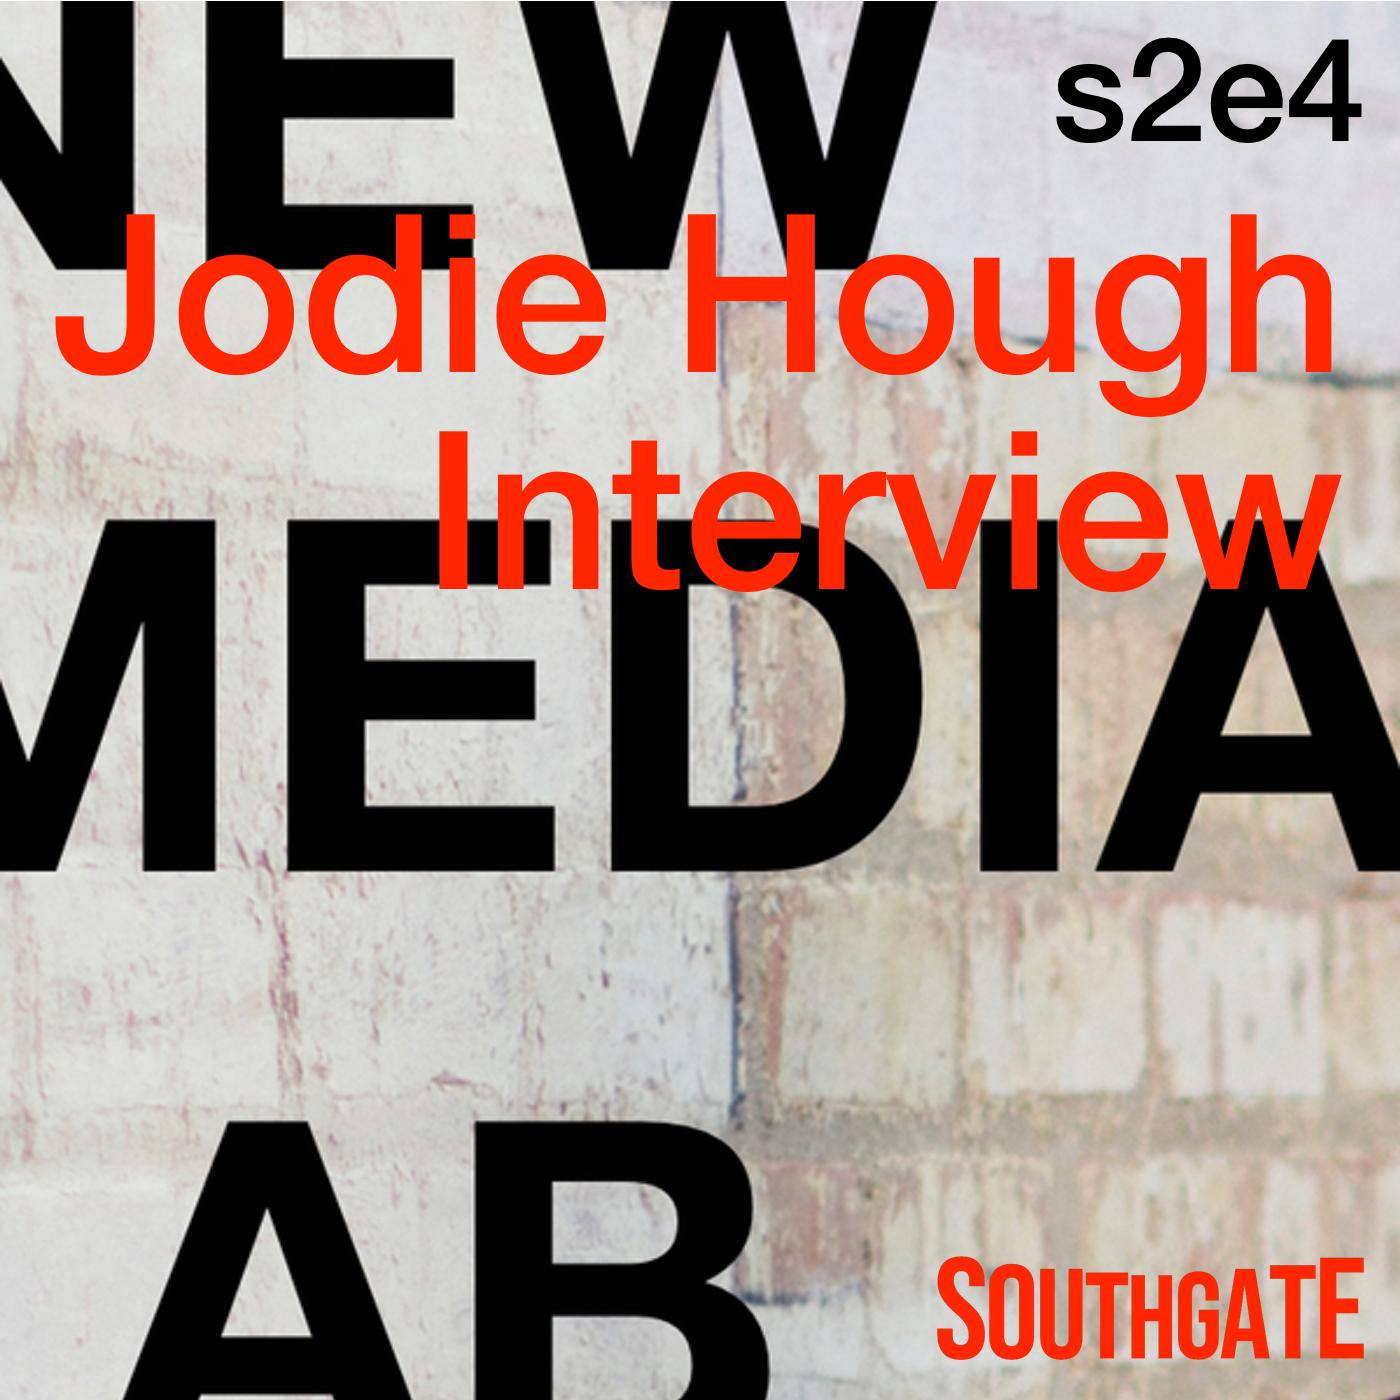 Jodie Hough Interview